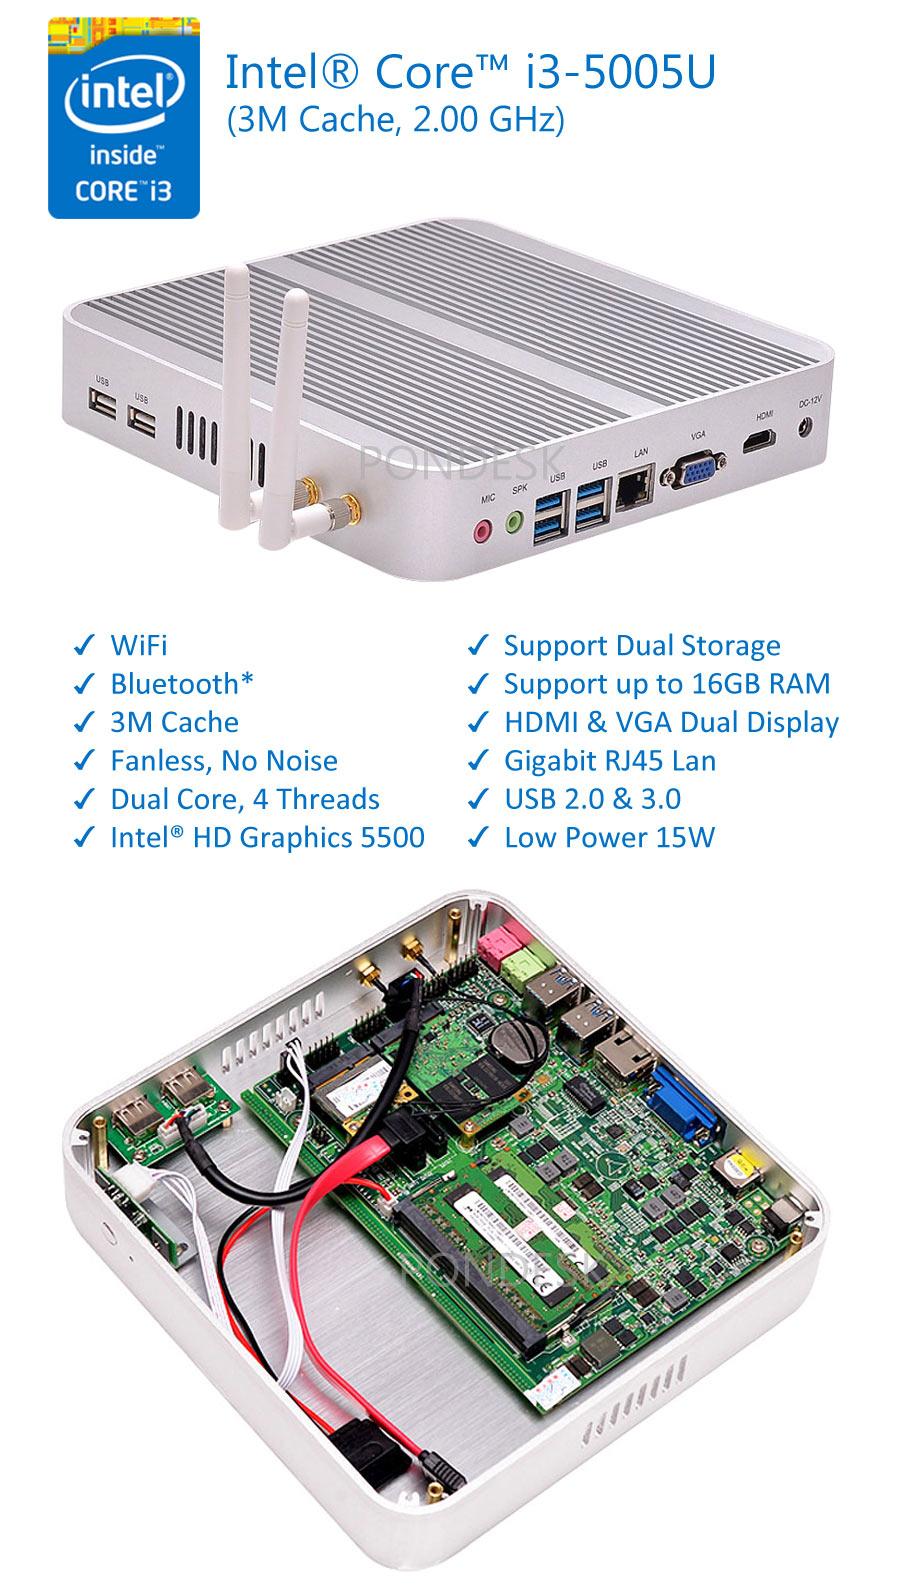 5th Gen. Intel i3-5005U WiFi HD 5500 2.0GHz Fanless Mini PC - MNHO-003 | Image